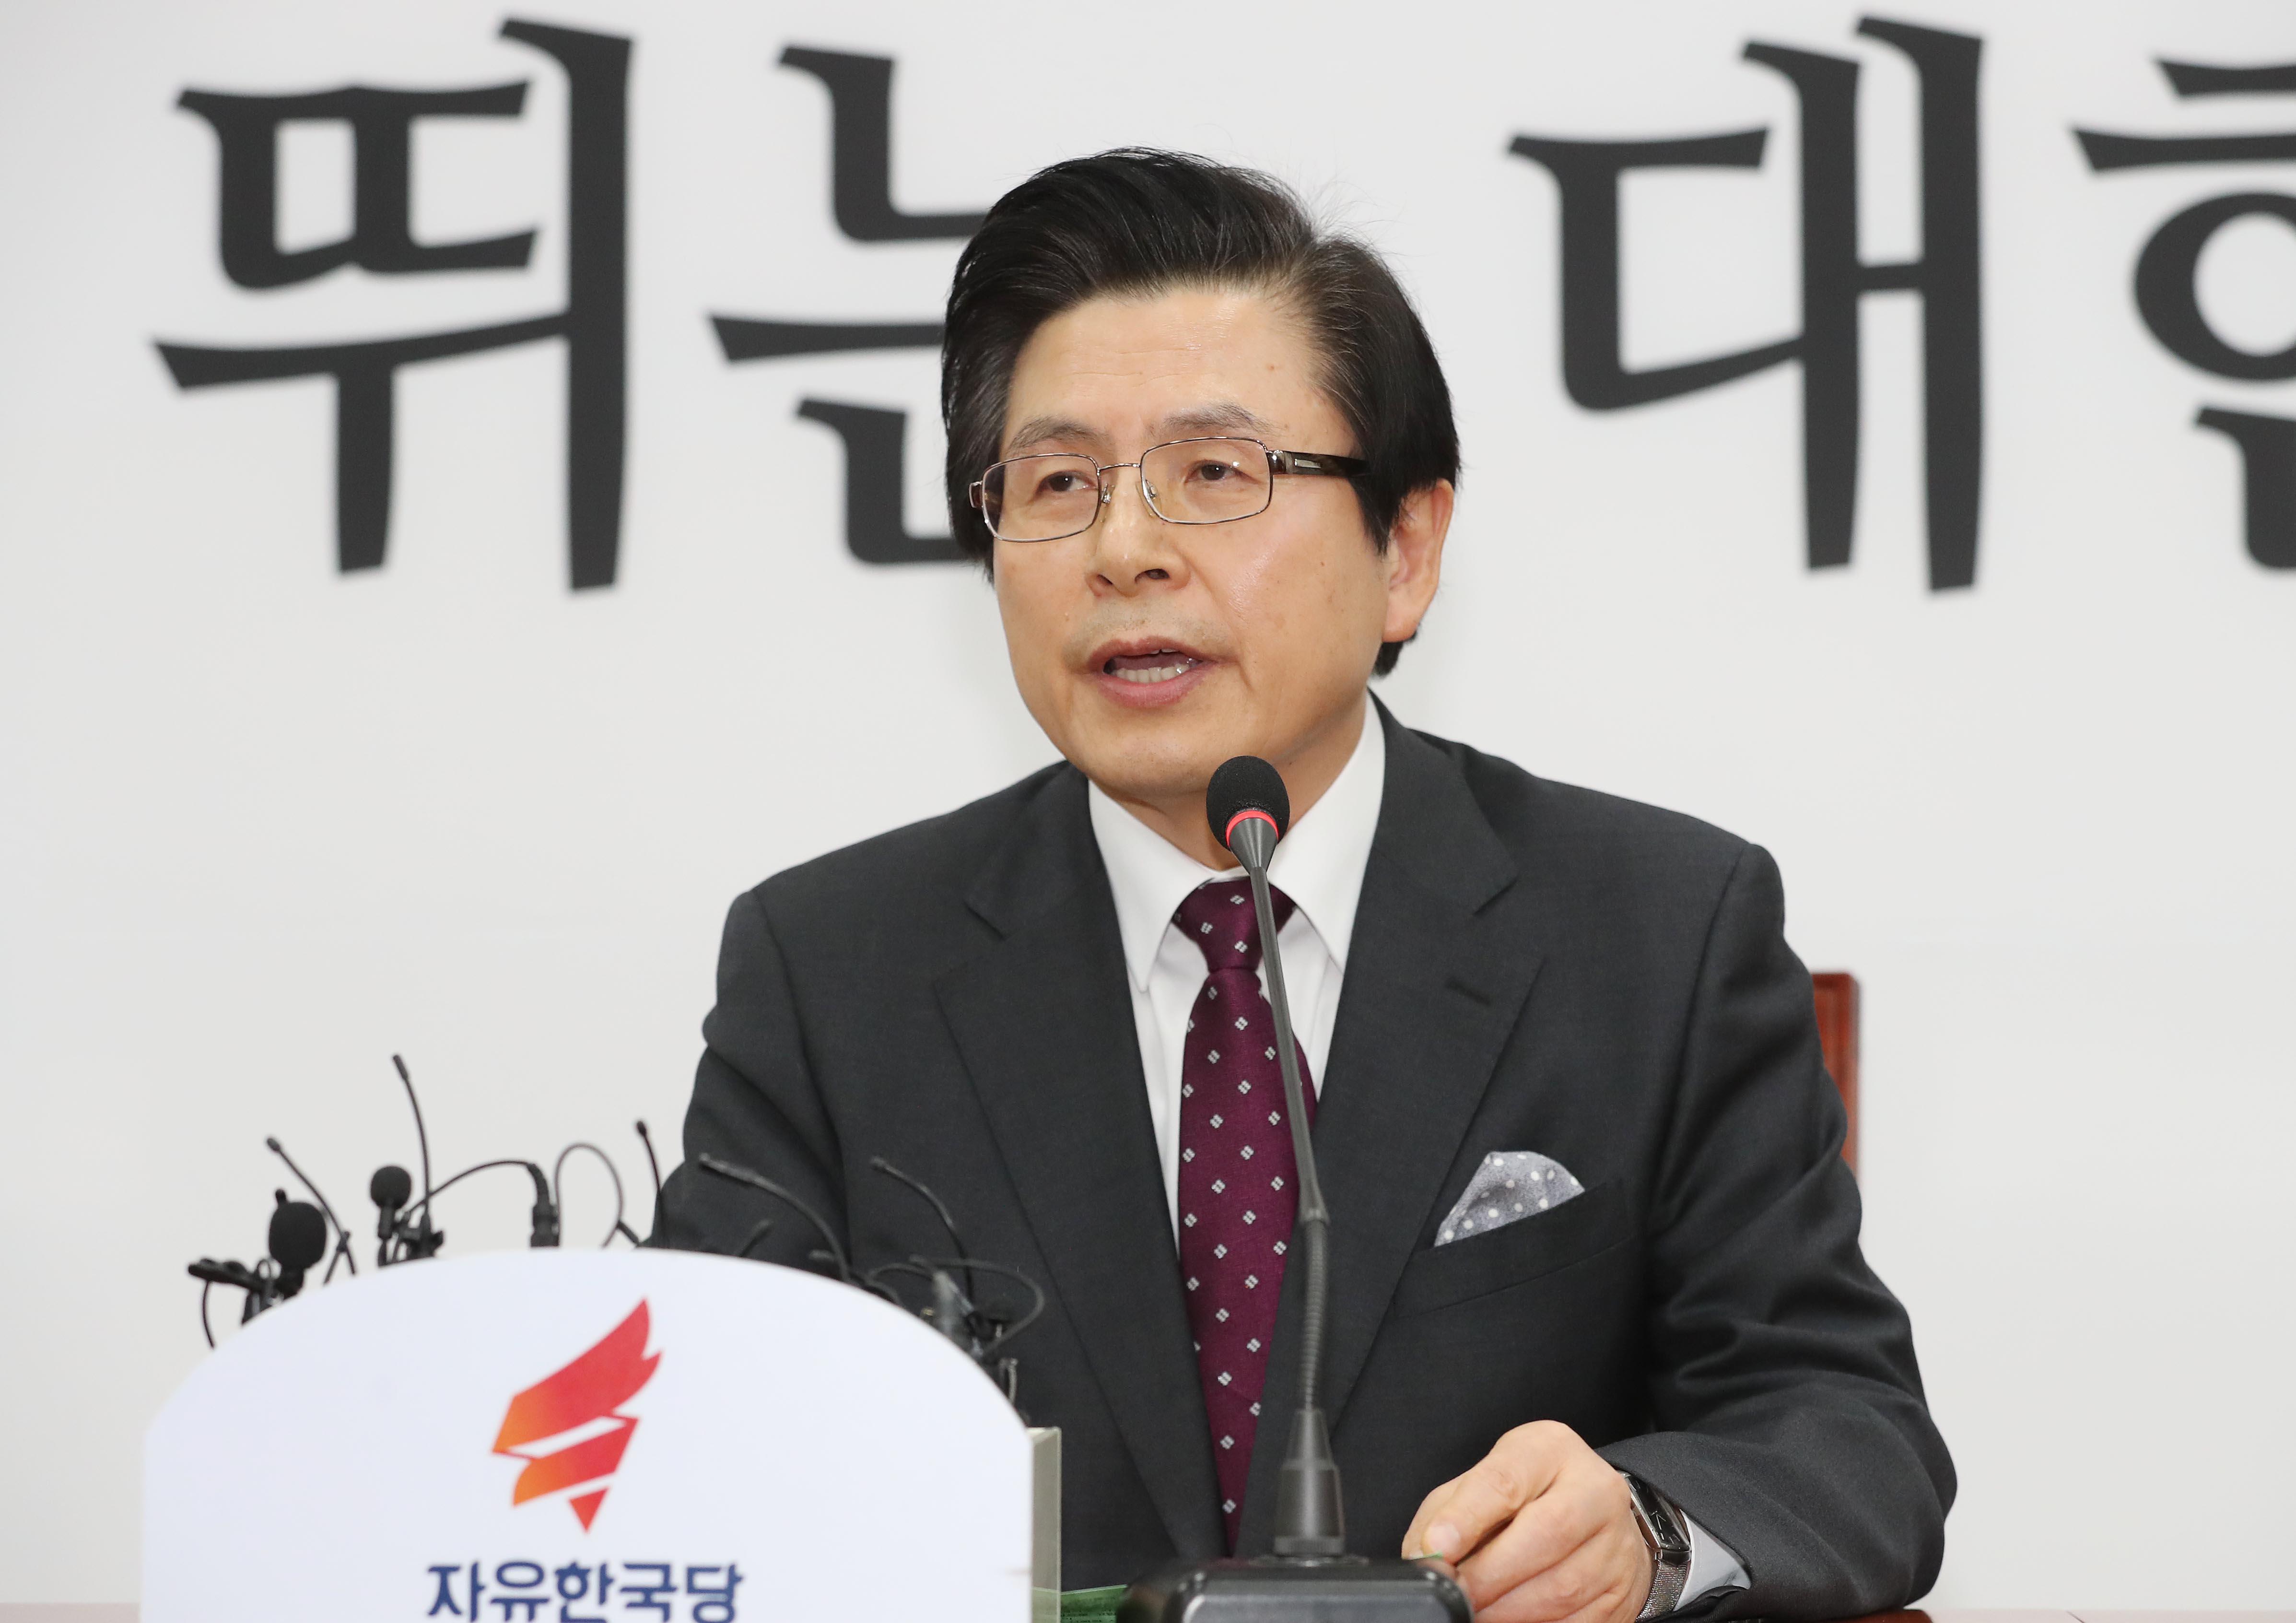 황교안 전 국무총리 <사진=연합뉴스>